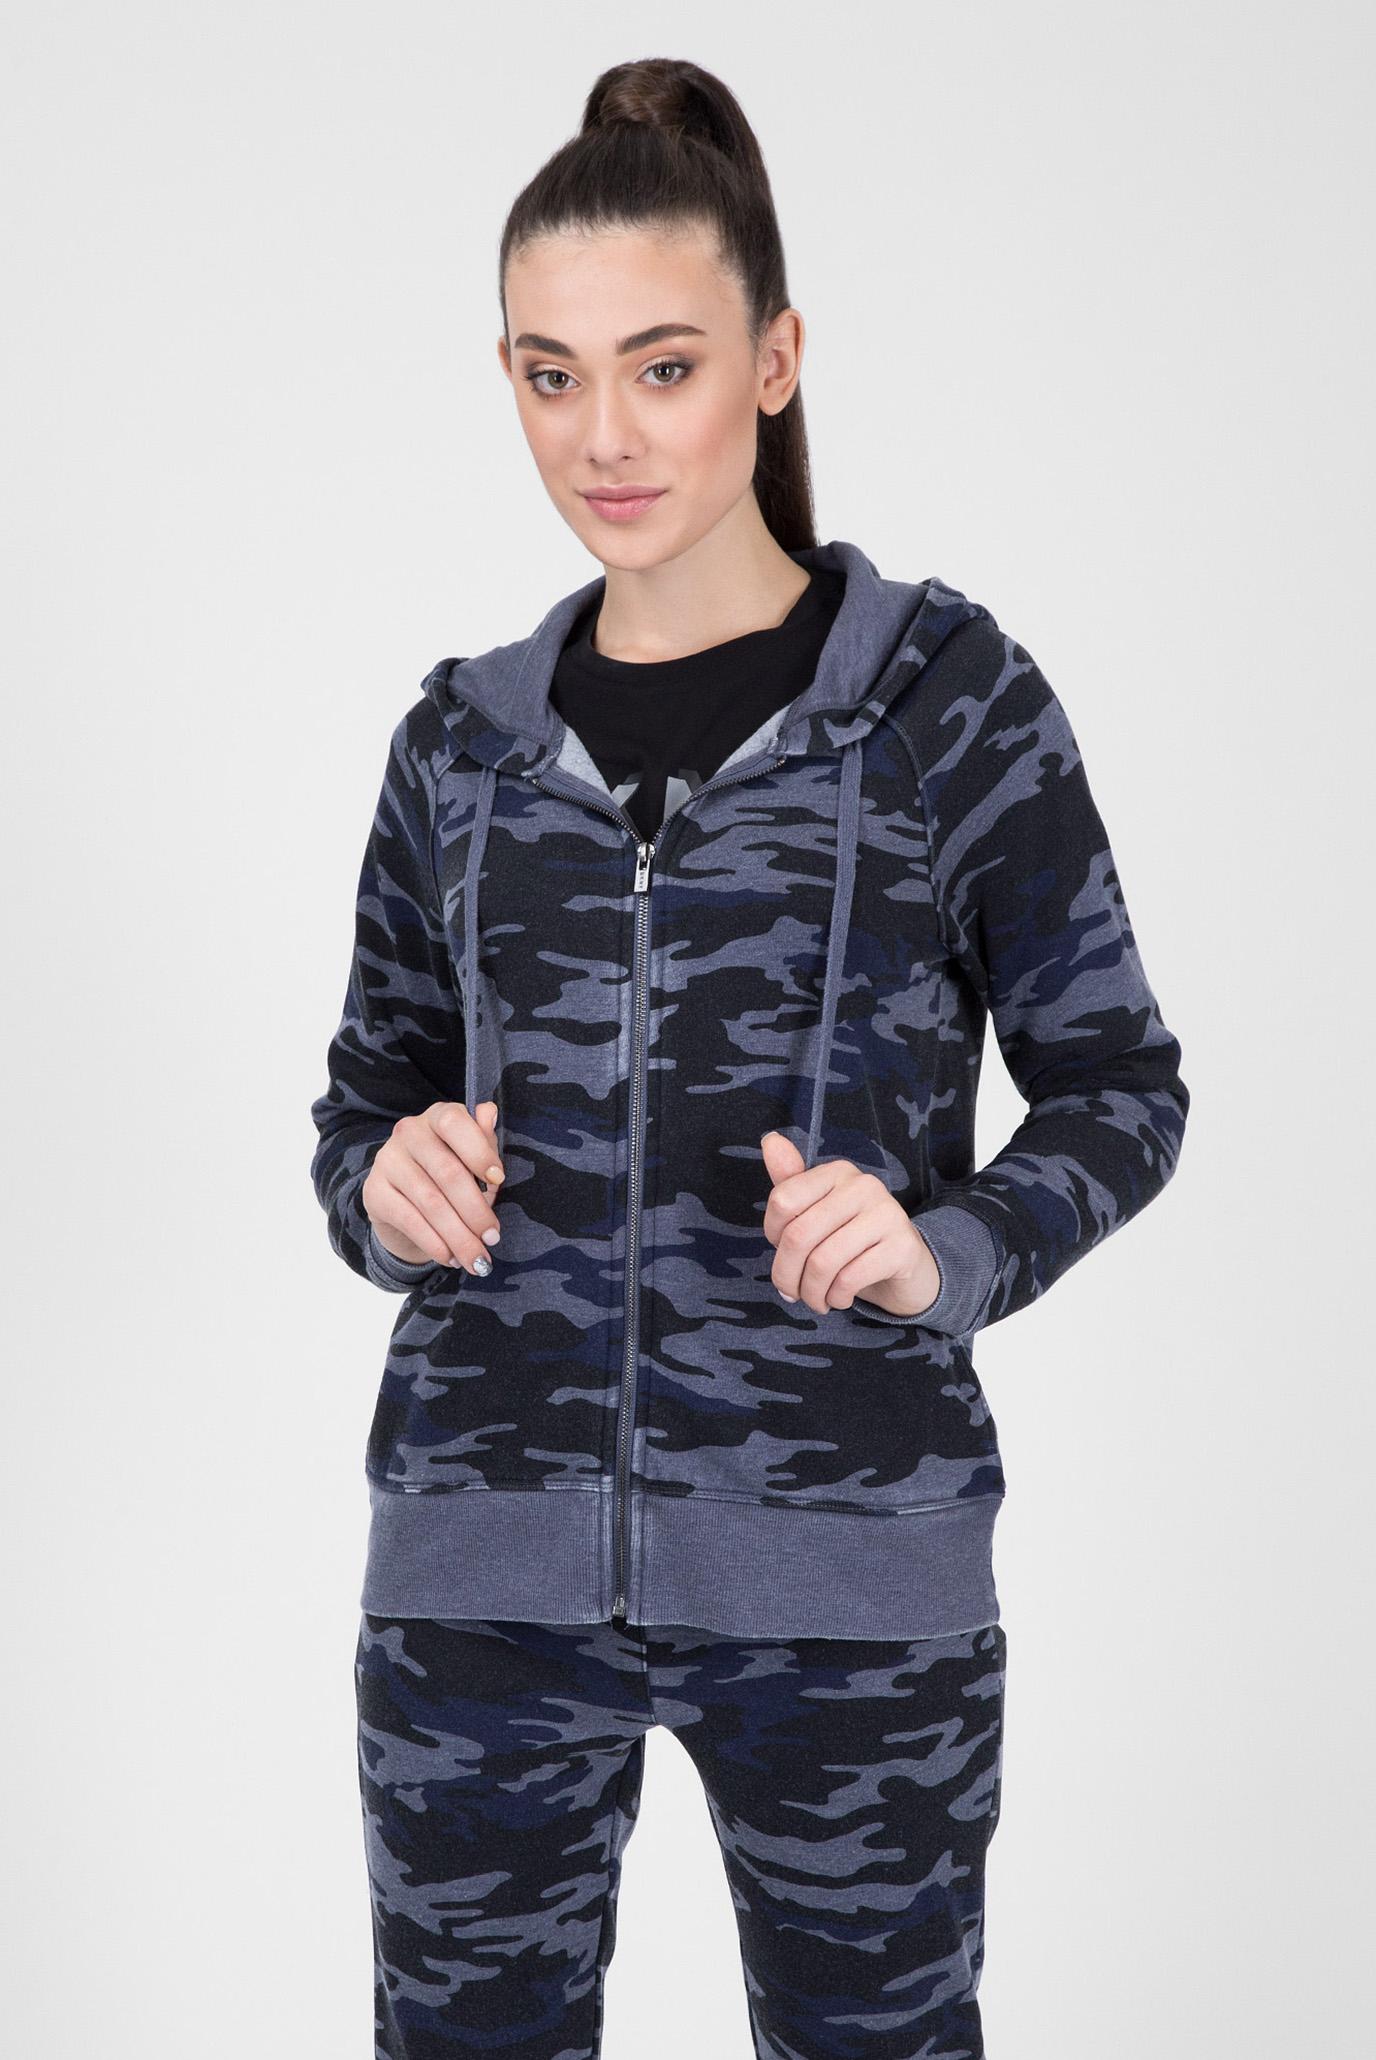 Купить Женское синее камуфляжное худи DKNY DKNY DP8J8217 – Киев, Украина.  Цены в интернет магазине MD Fashion 6d8d0e48f30